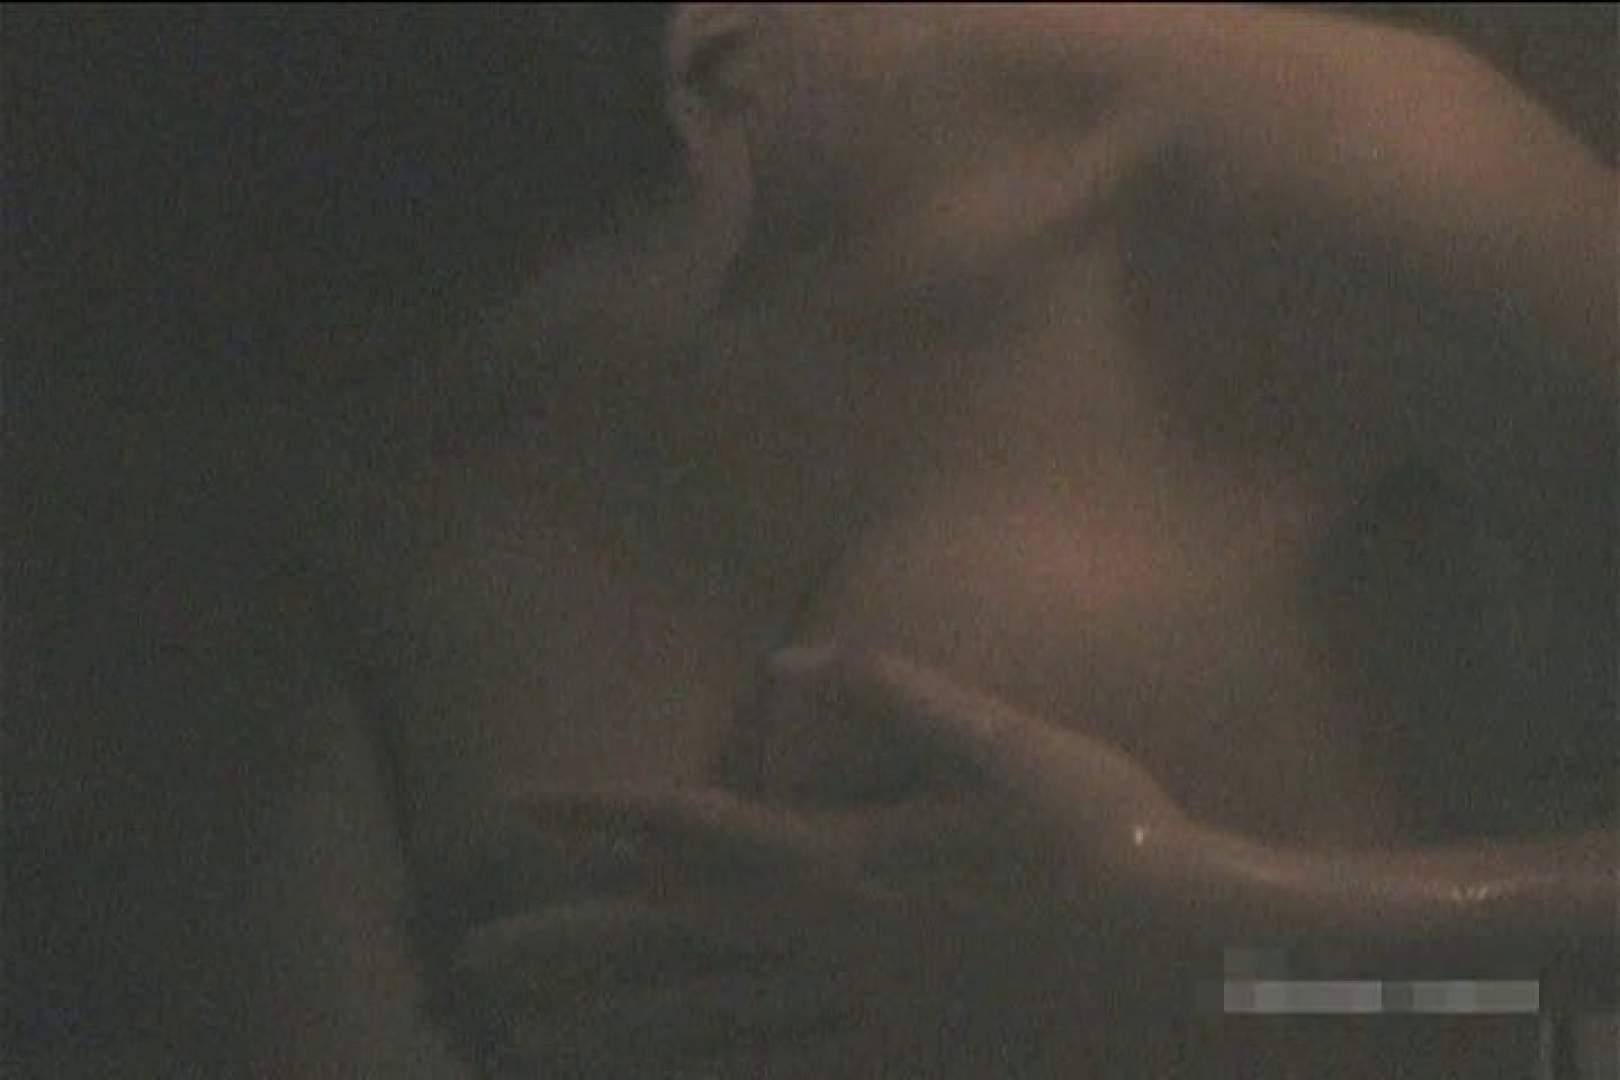 全裸で発情!!家族風呂の実態Vol.1 濃厚セックス 隠し撮りオマンコ動画紹介 78PICs 63